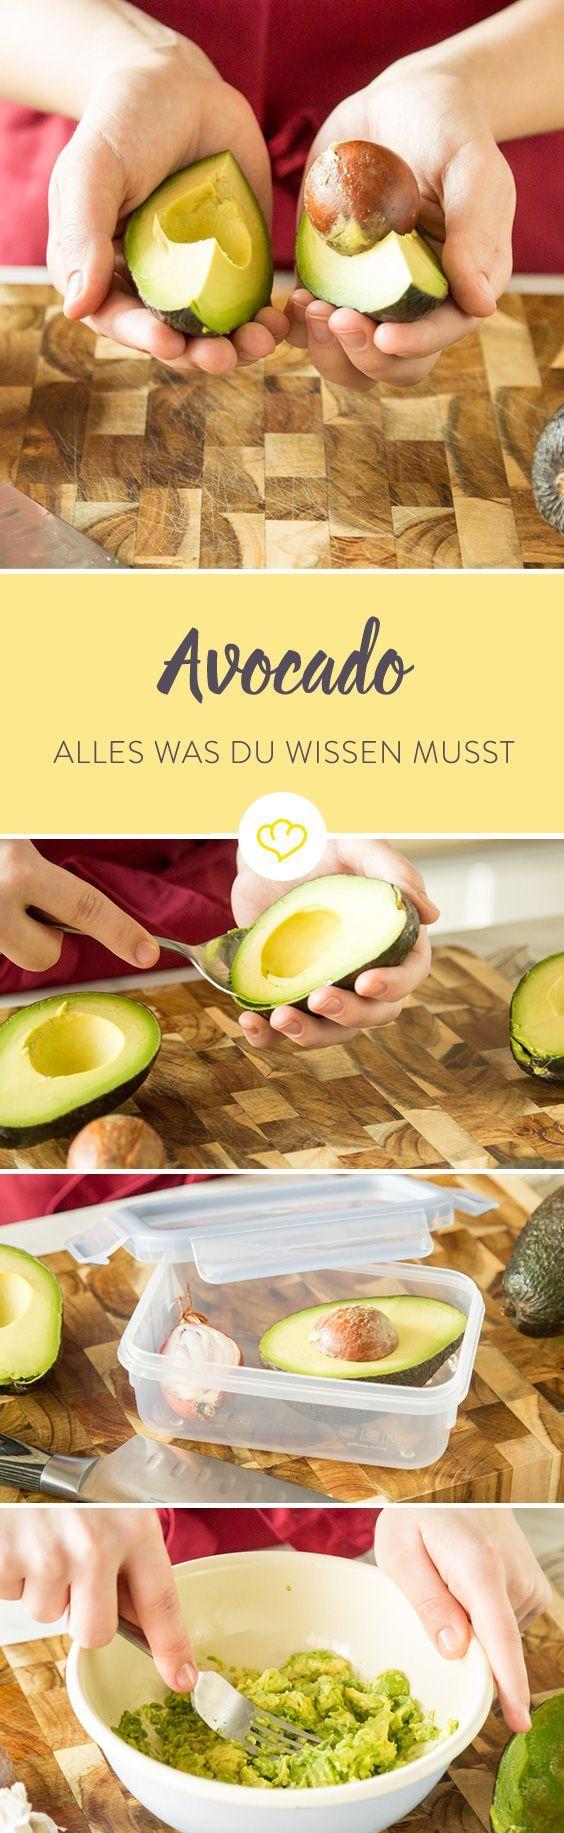 Avocado - wie du sie schälst, schneidest, zubereitest und länger haltbar machst. Kurz: alles was du über das grüne Superfood wissen musst!